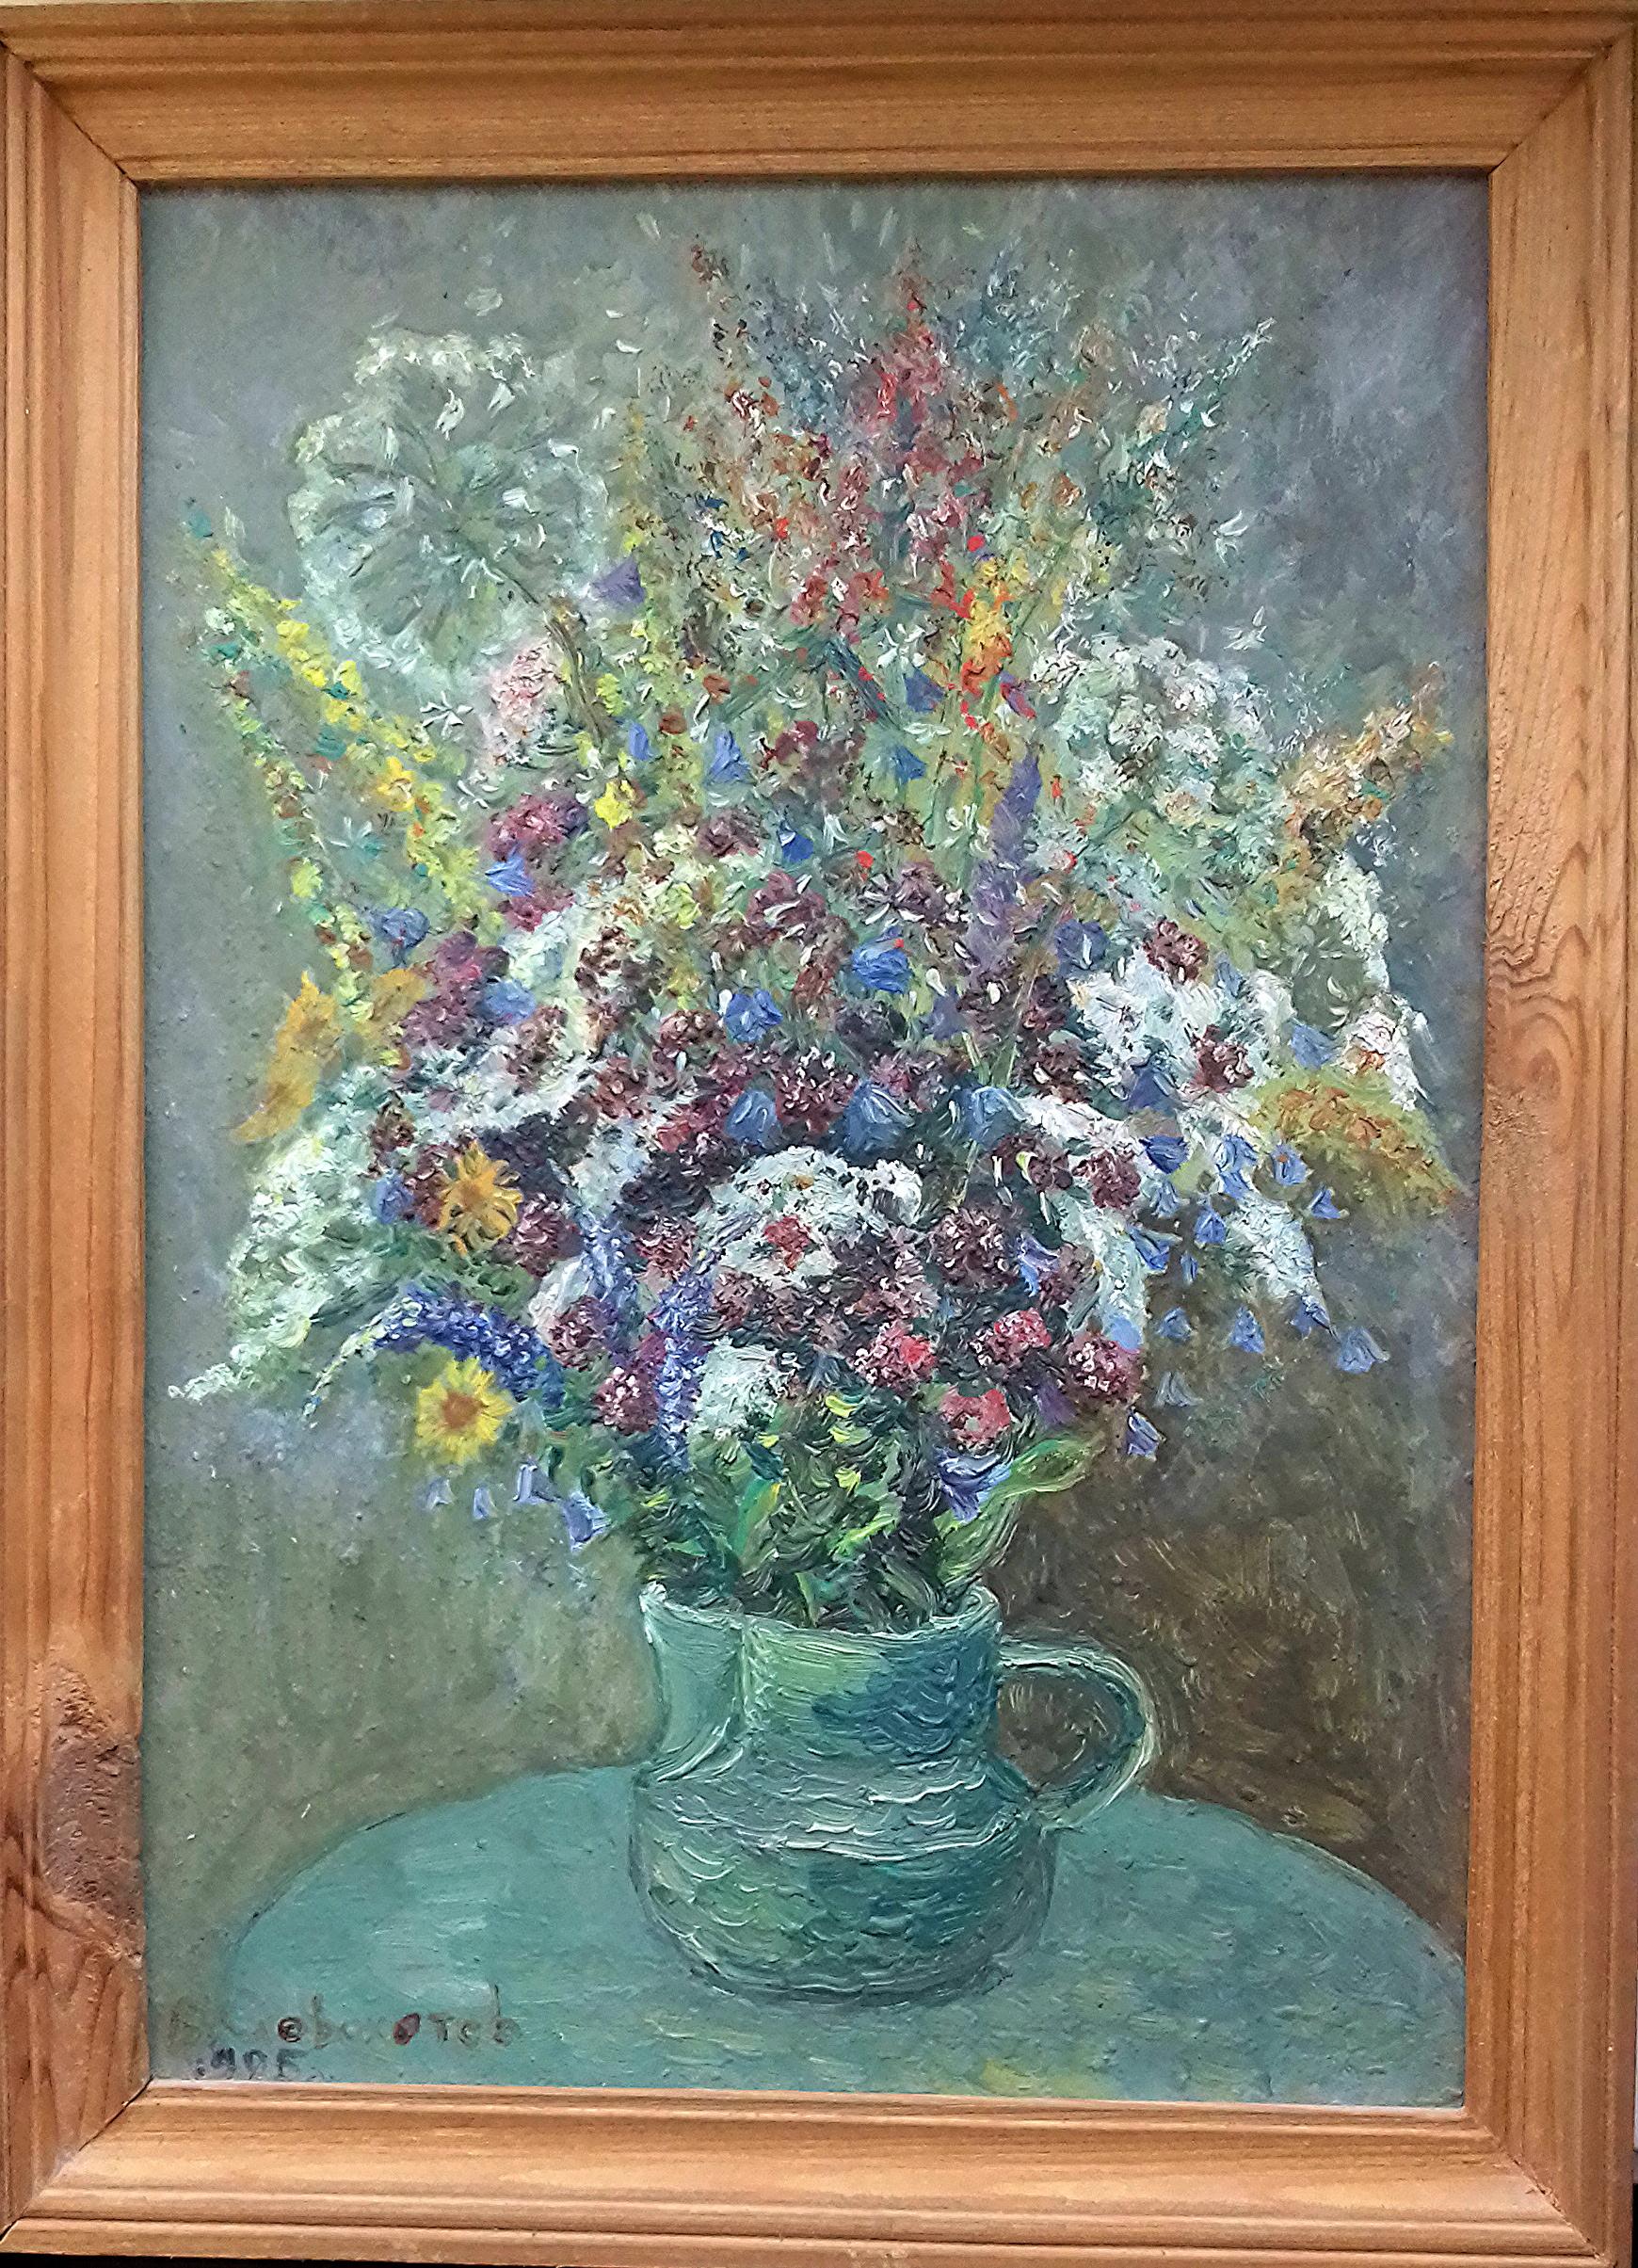 Лесные цветы Клавдиево 27,5-19,5 см., картон, масло 1996 год  - 1